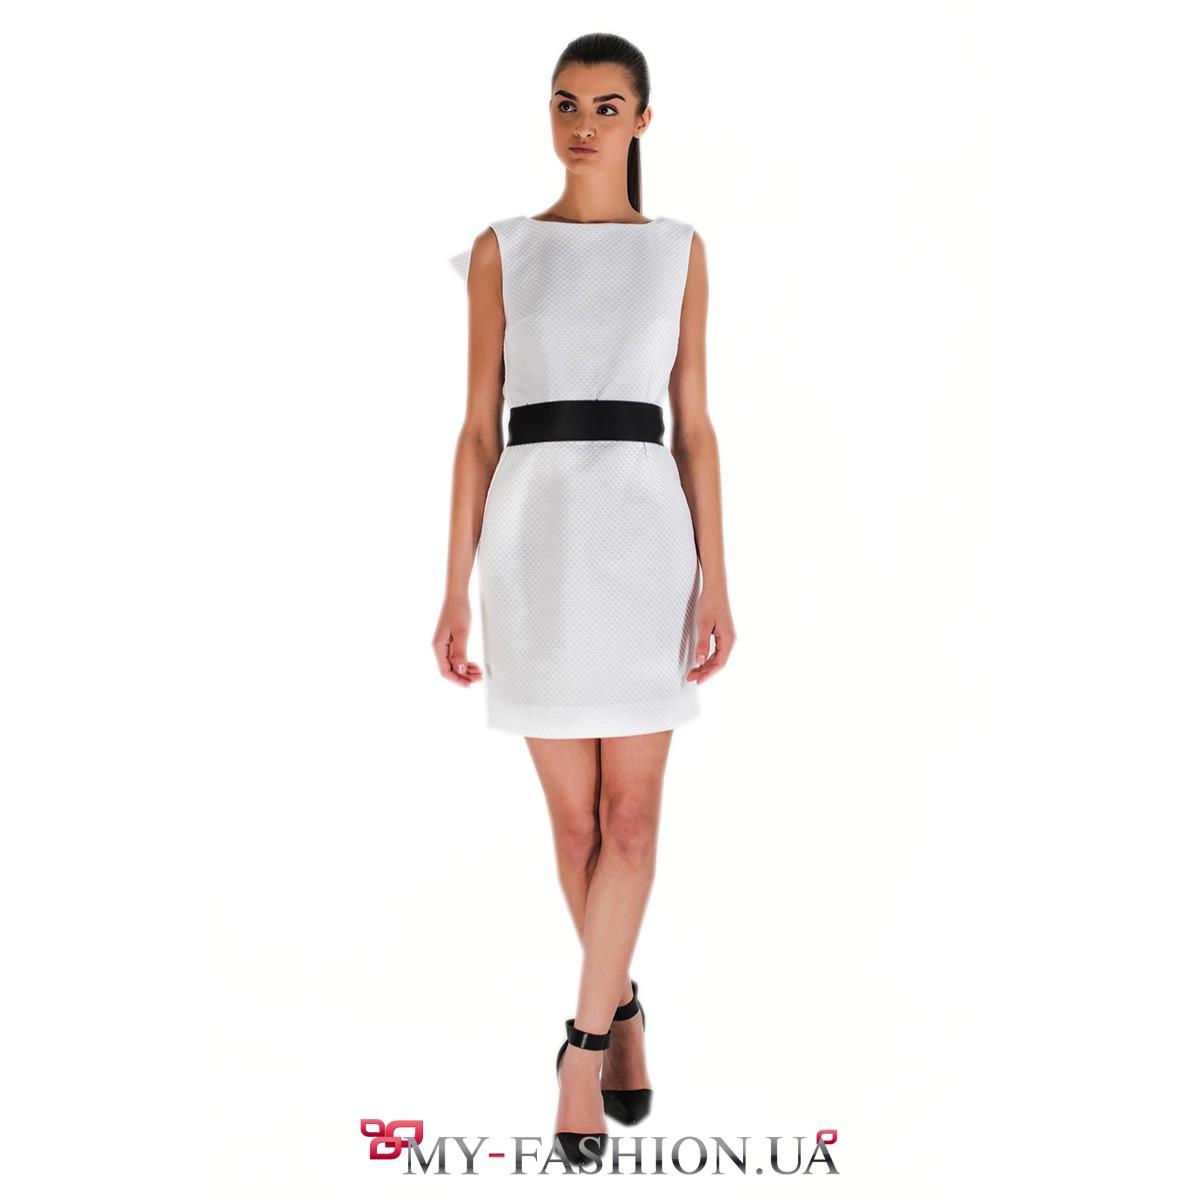 Женские платья белое с черным поясом